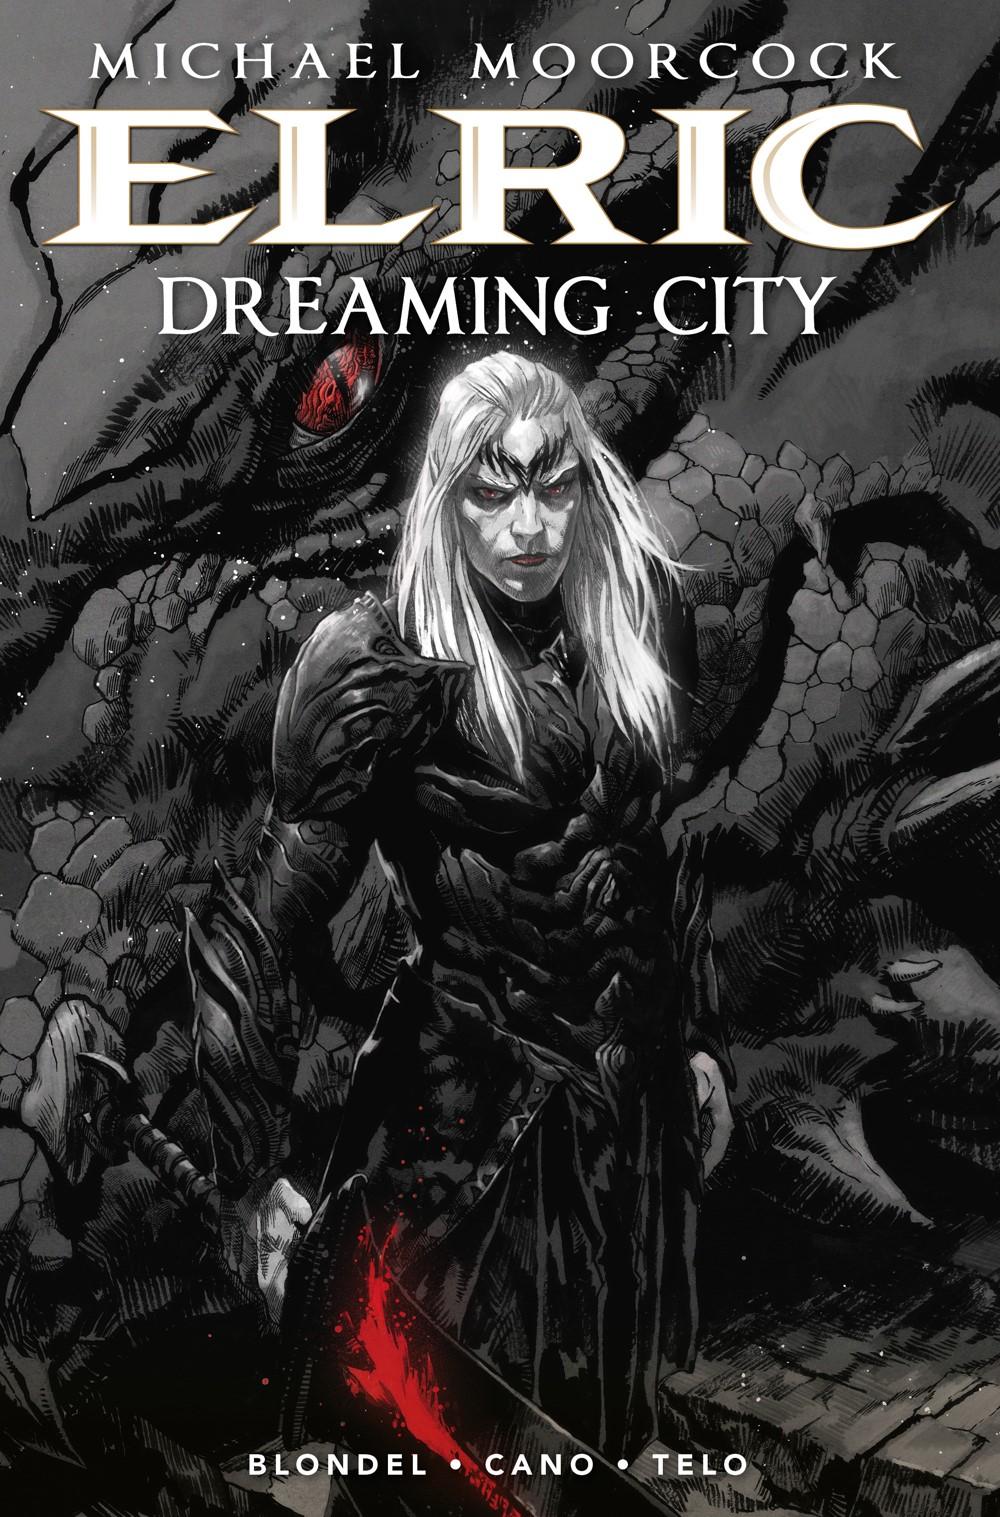 ELRIC-THE-DREAMING-CITY-HC-SECHER Titan Comics October 2021 Solicitations